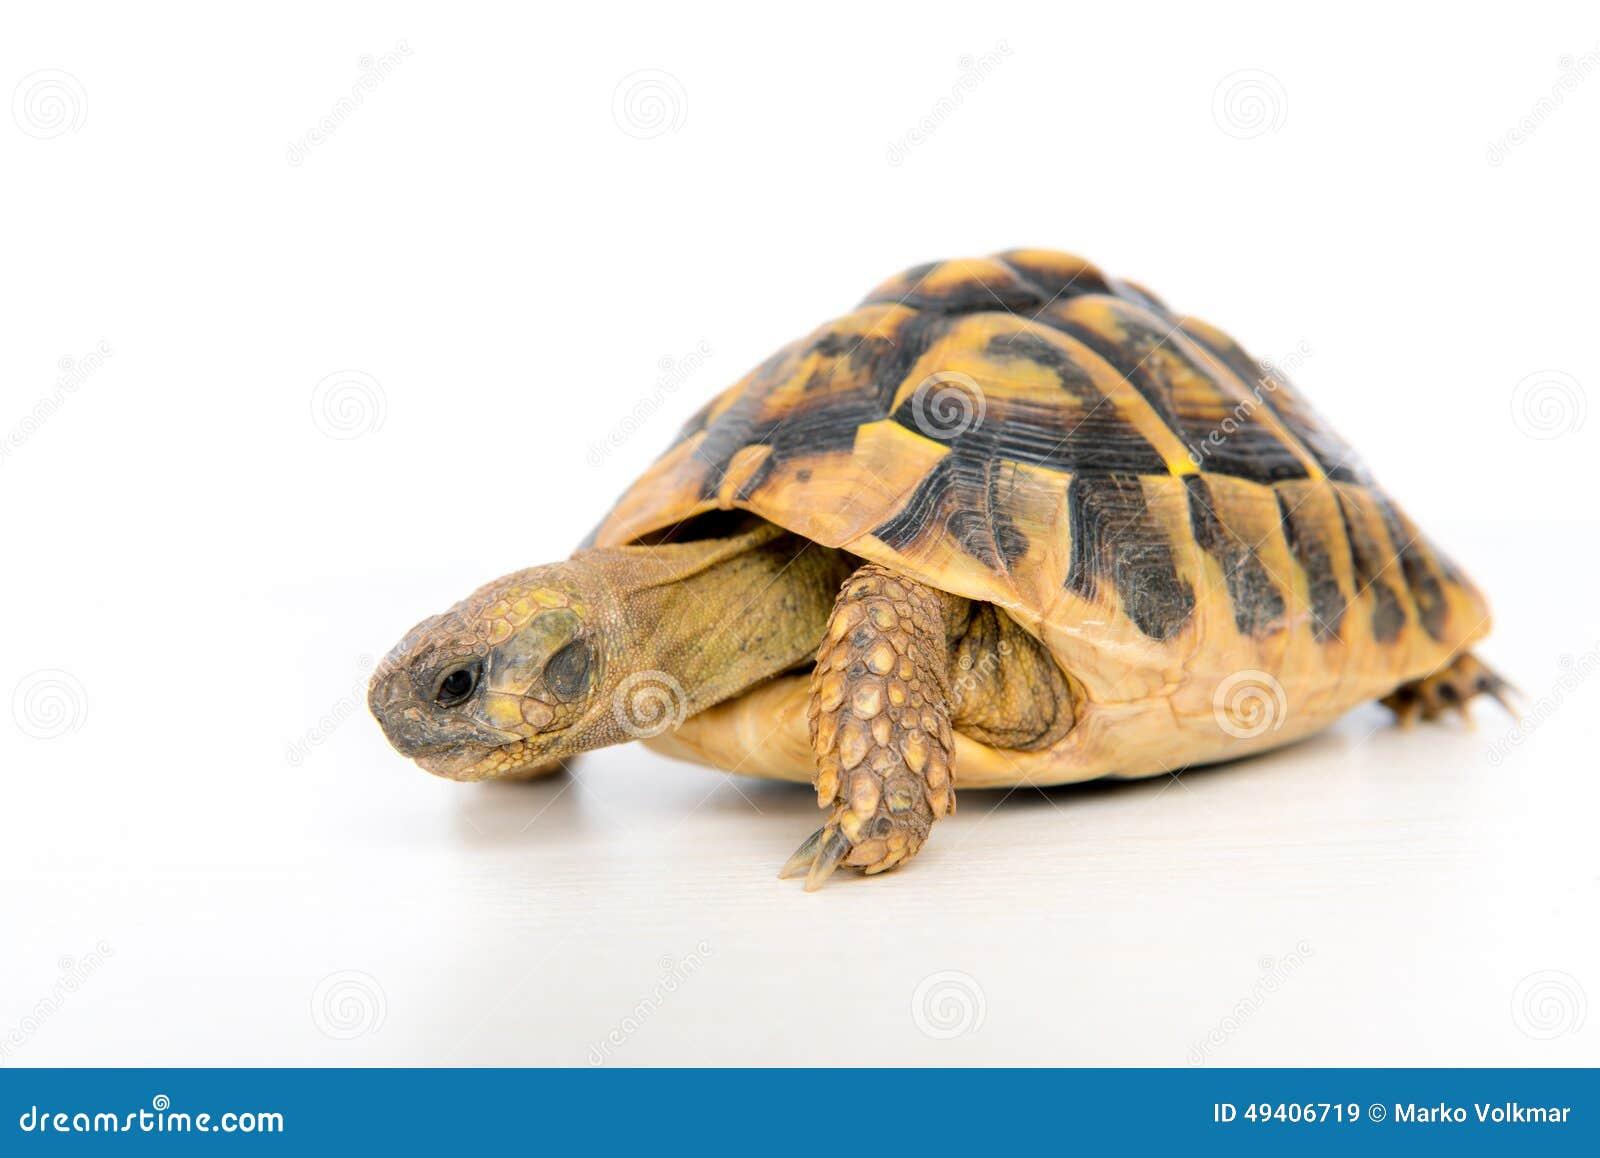 Download Schildkröte Vor Weißem Hintergrund Stockbild - Bild von geschöpf, portrait: 49406719